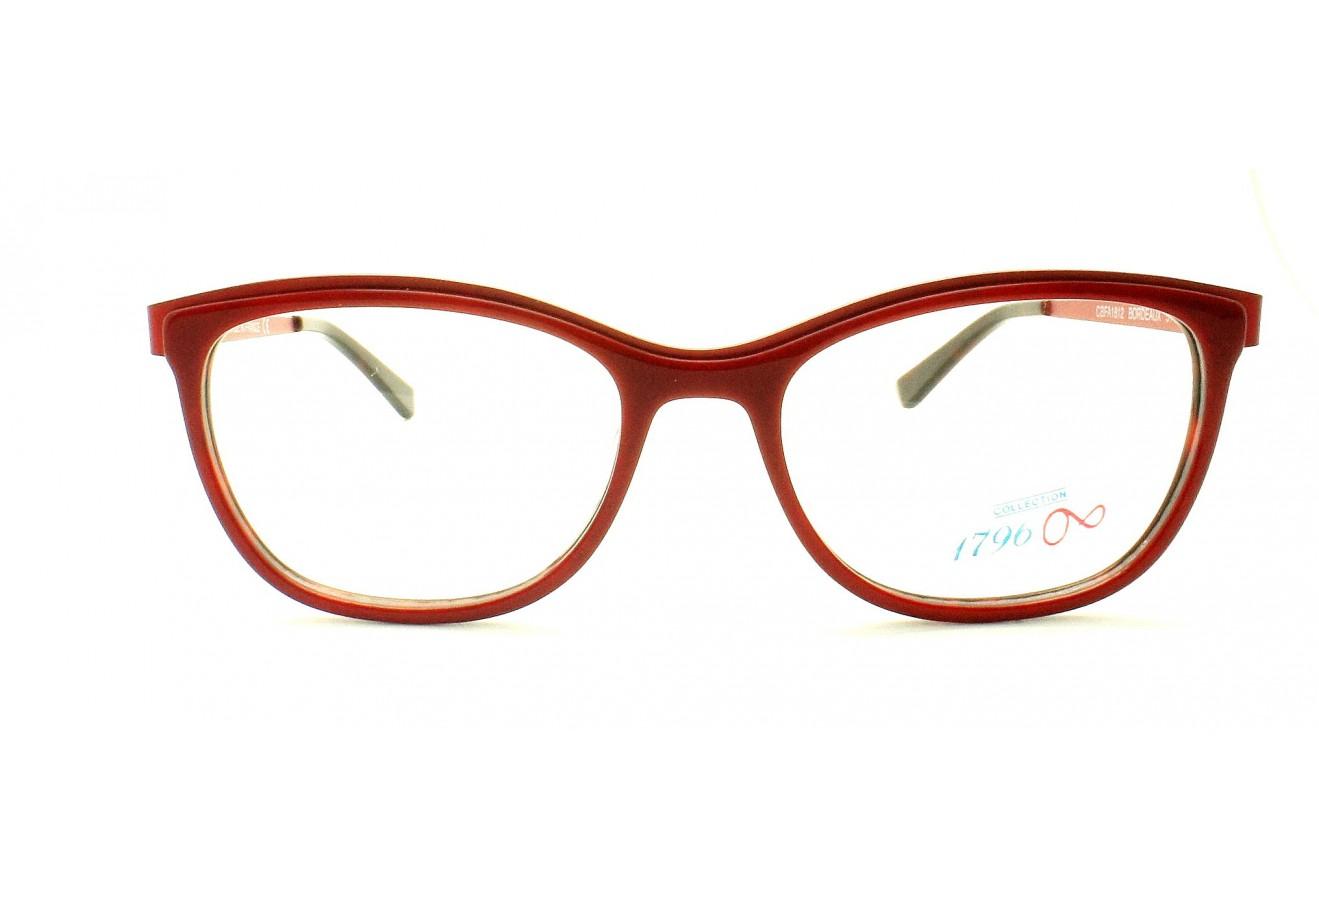 lunettes de vue 1796 cbfa 1812 bordeaux 51 17. Black Bedroom Furniture Sets. Home Design Ideas